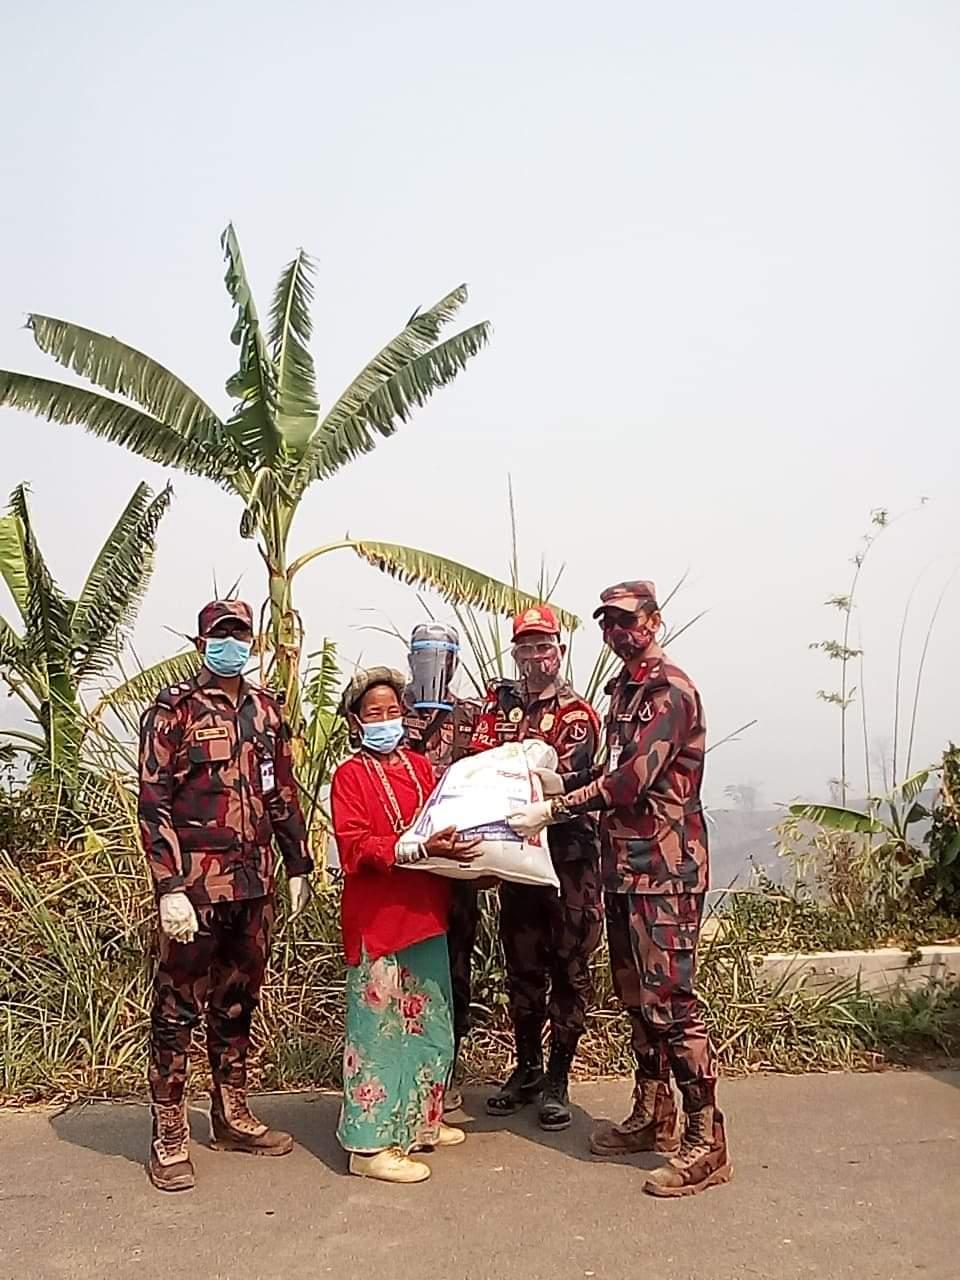 থানচিতে অগ্নিকাণ্ডে ক্ষতিগ্রস্থ পরিবারের পাশে বিজিবি